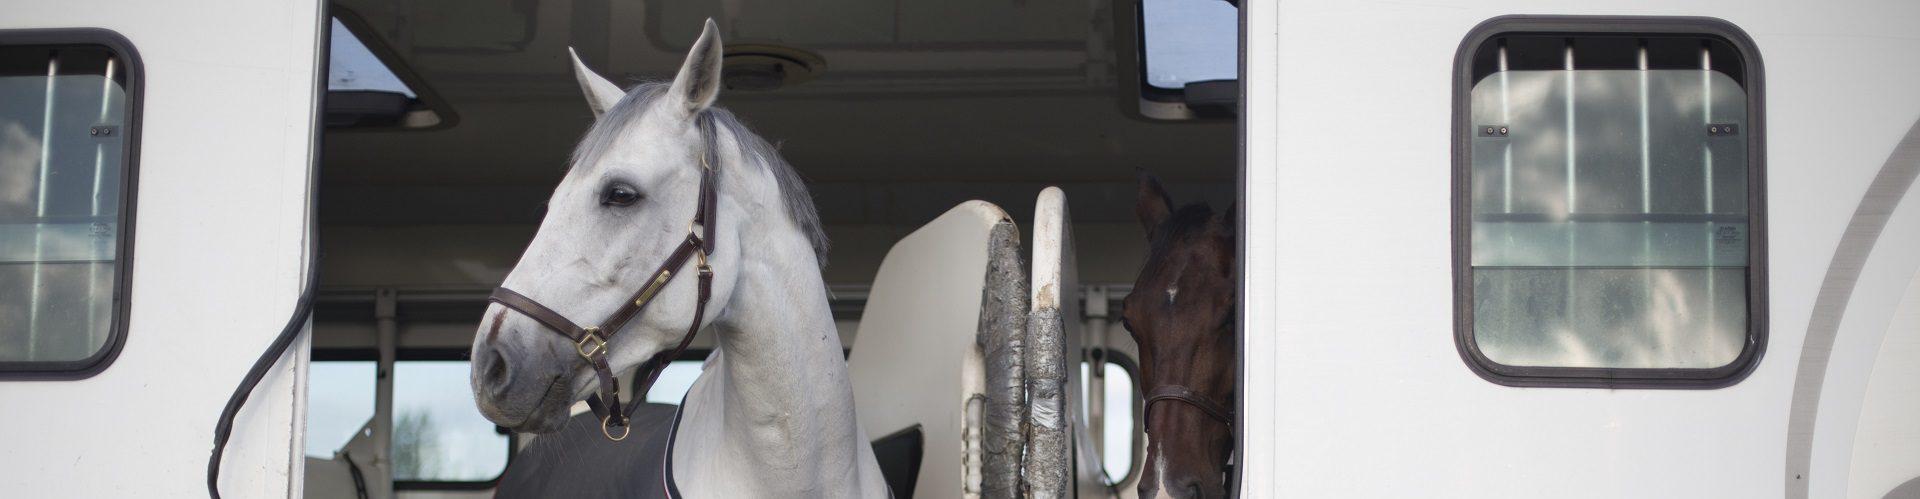 Paard_vrachtwagen